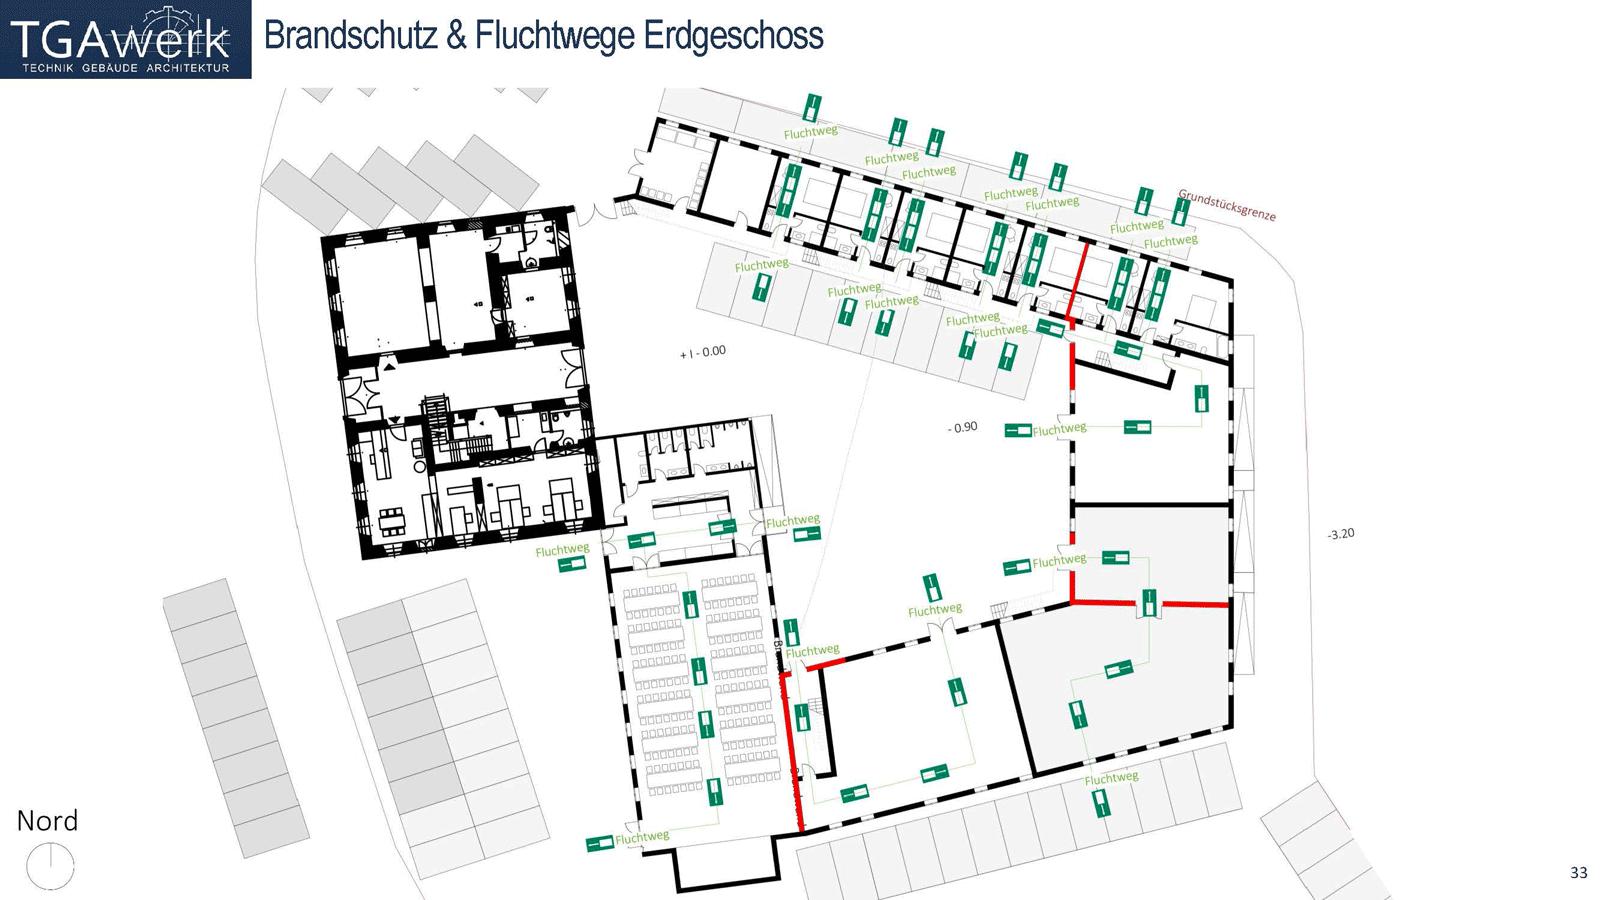 Brandschutz Und Fluchtwege Erdgeschoss